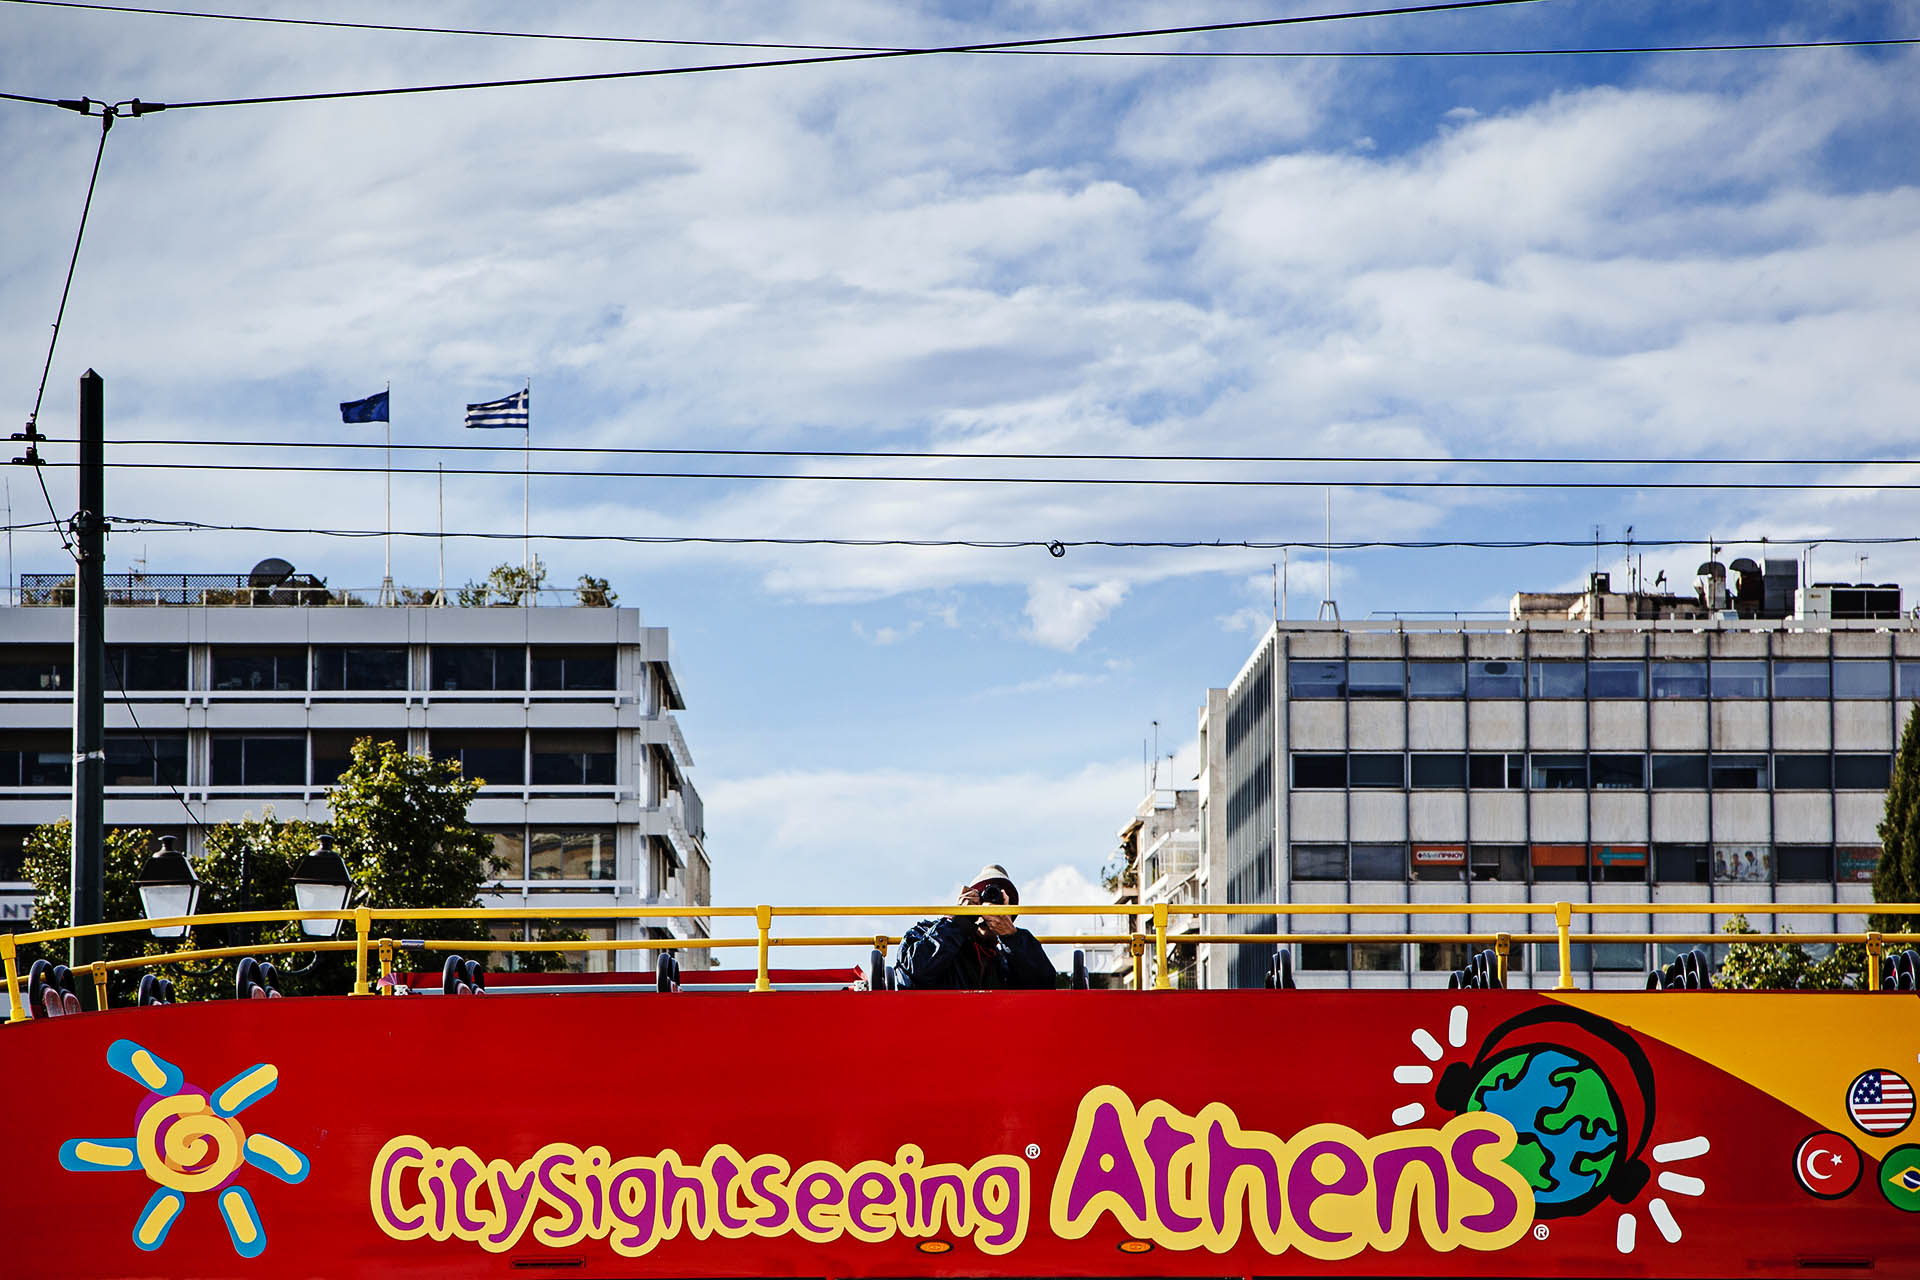 Durante la crisis los dueños de negocios turísticos griegos han tenido que recortar los precios para atraer a los visitantes